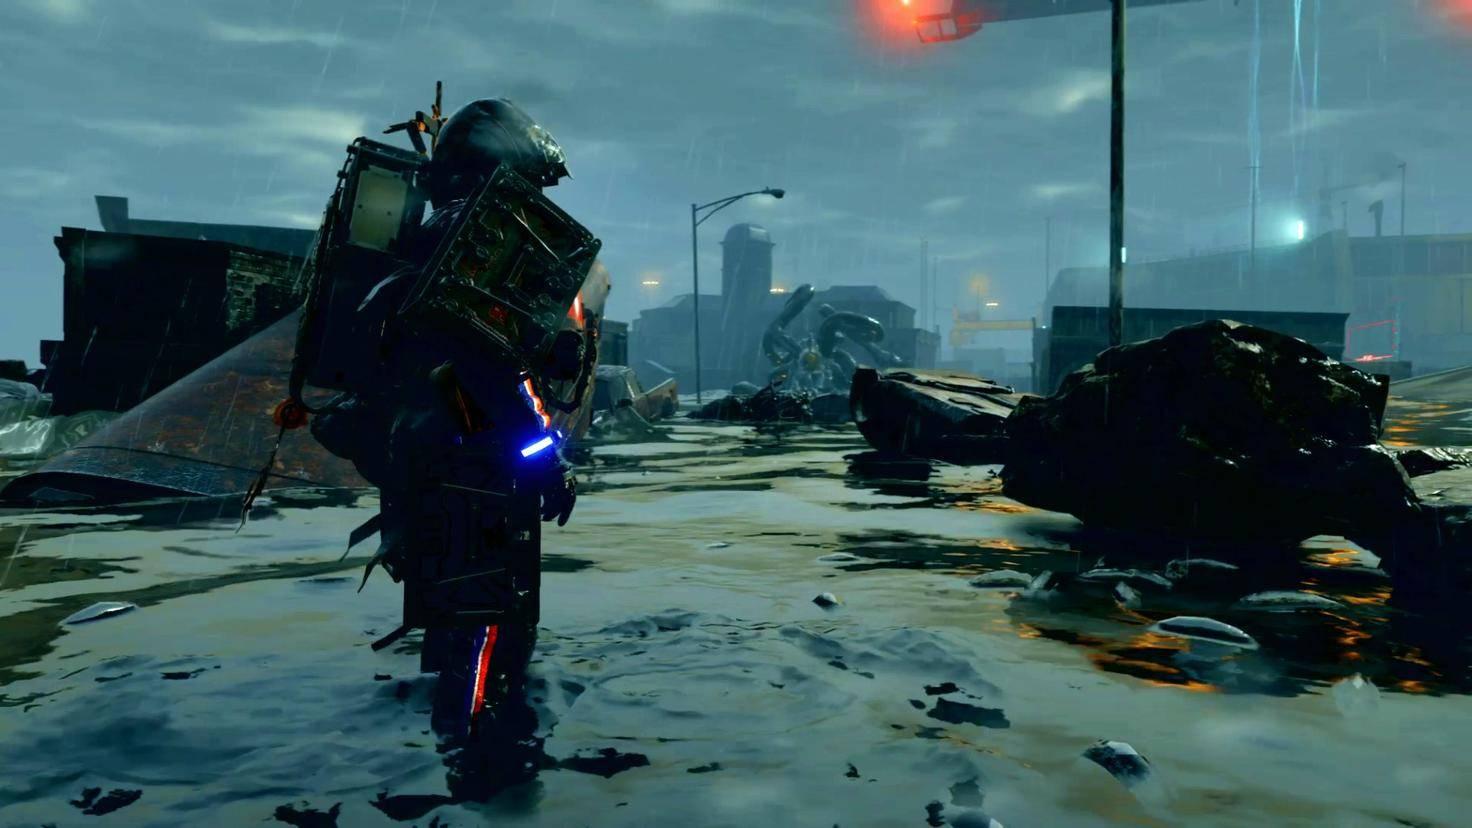 death-stranding-gd-kampf-teer-screenshot